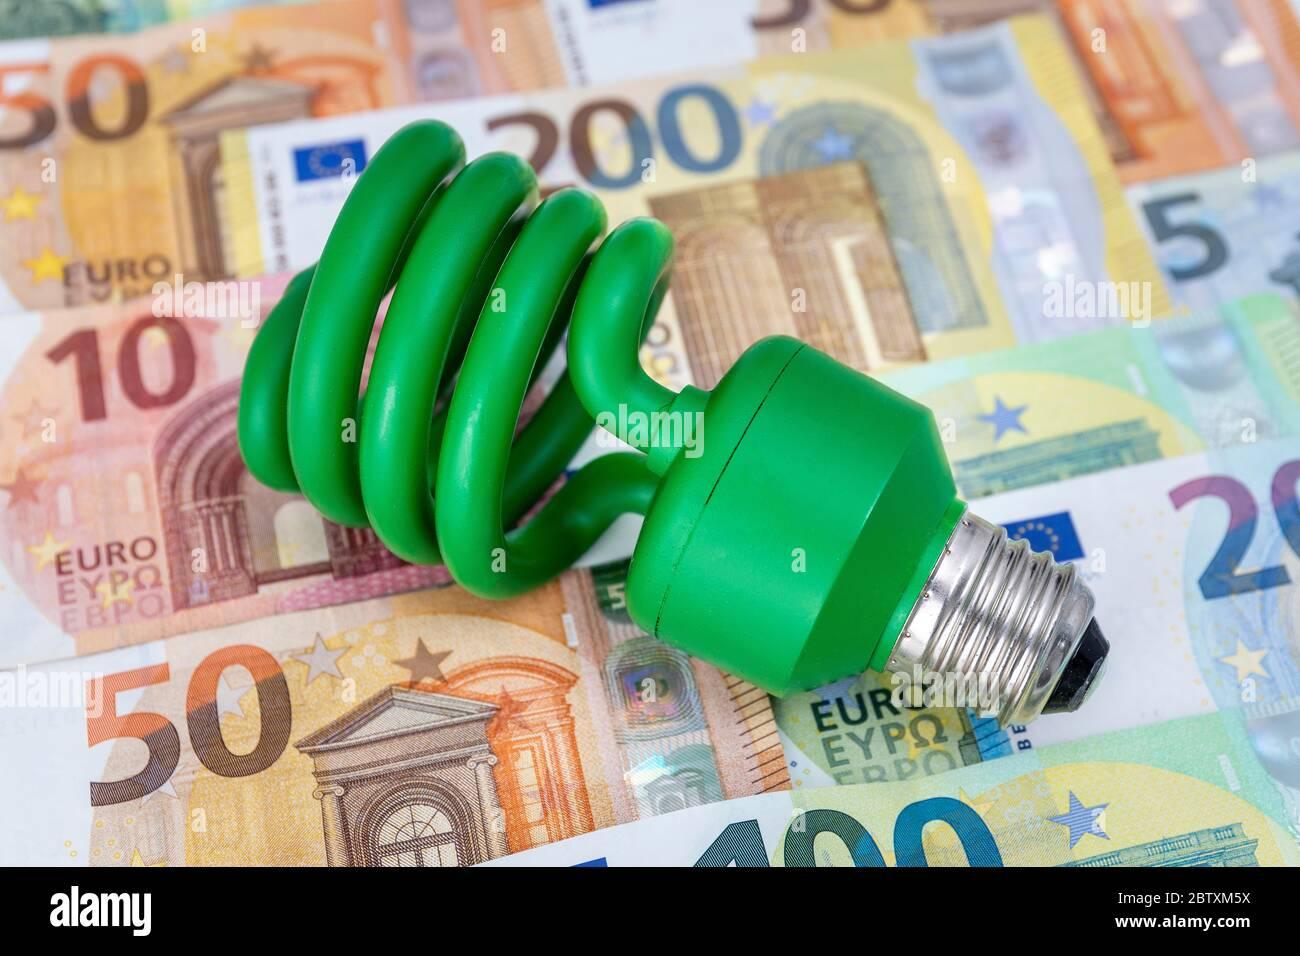 Voyant vert d'économie d'énergie sur les billets en euros, Allemagne Banque D'Images